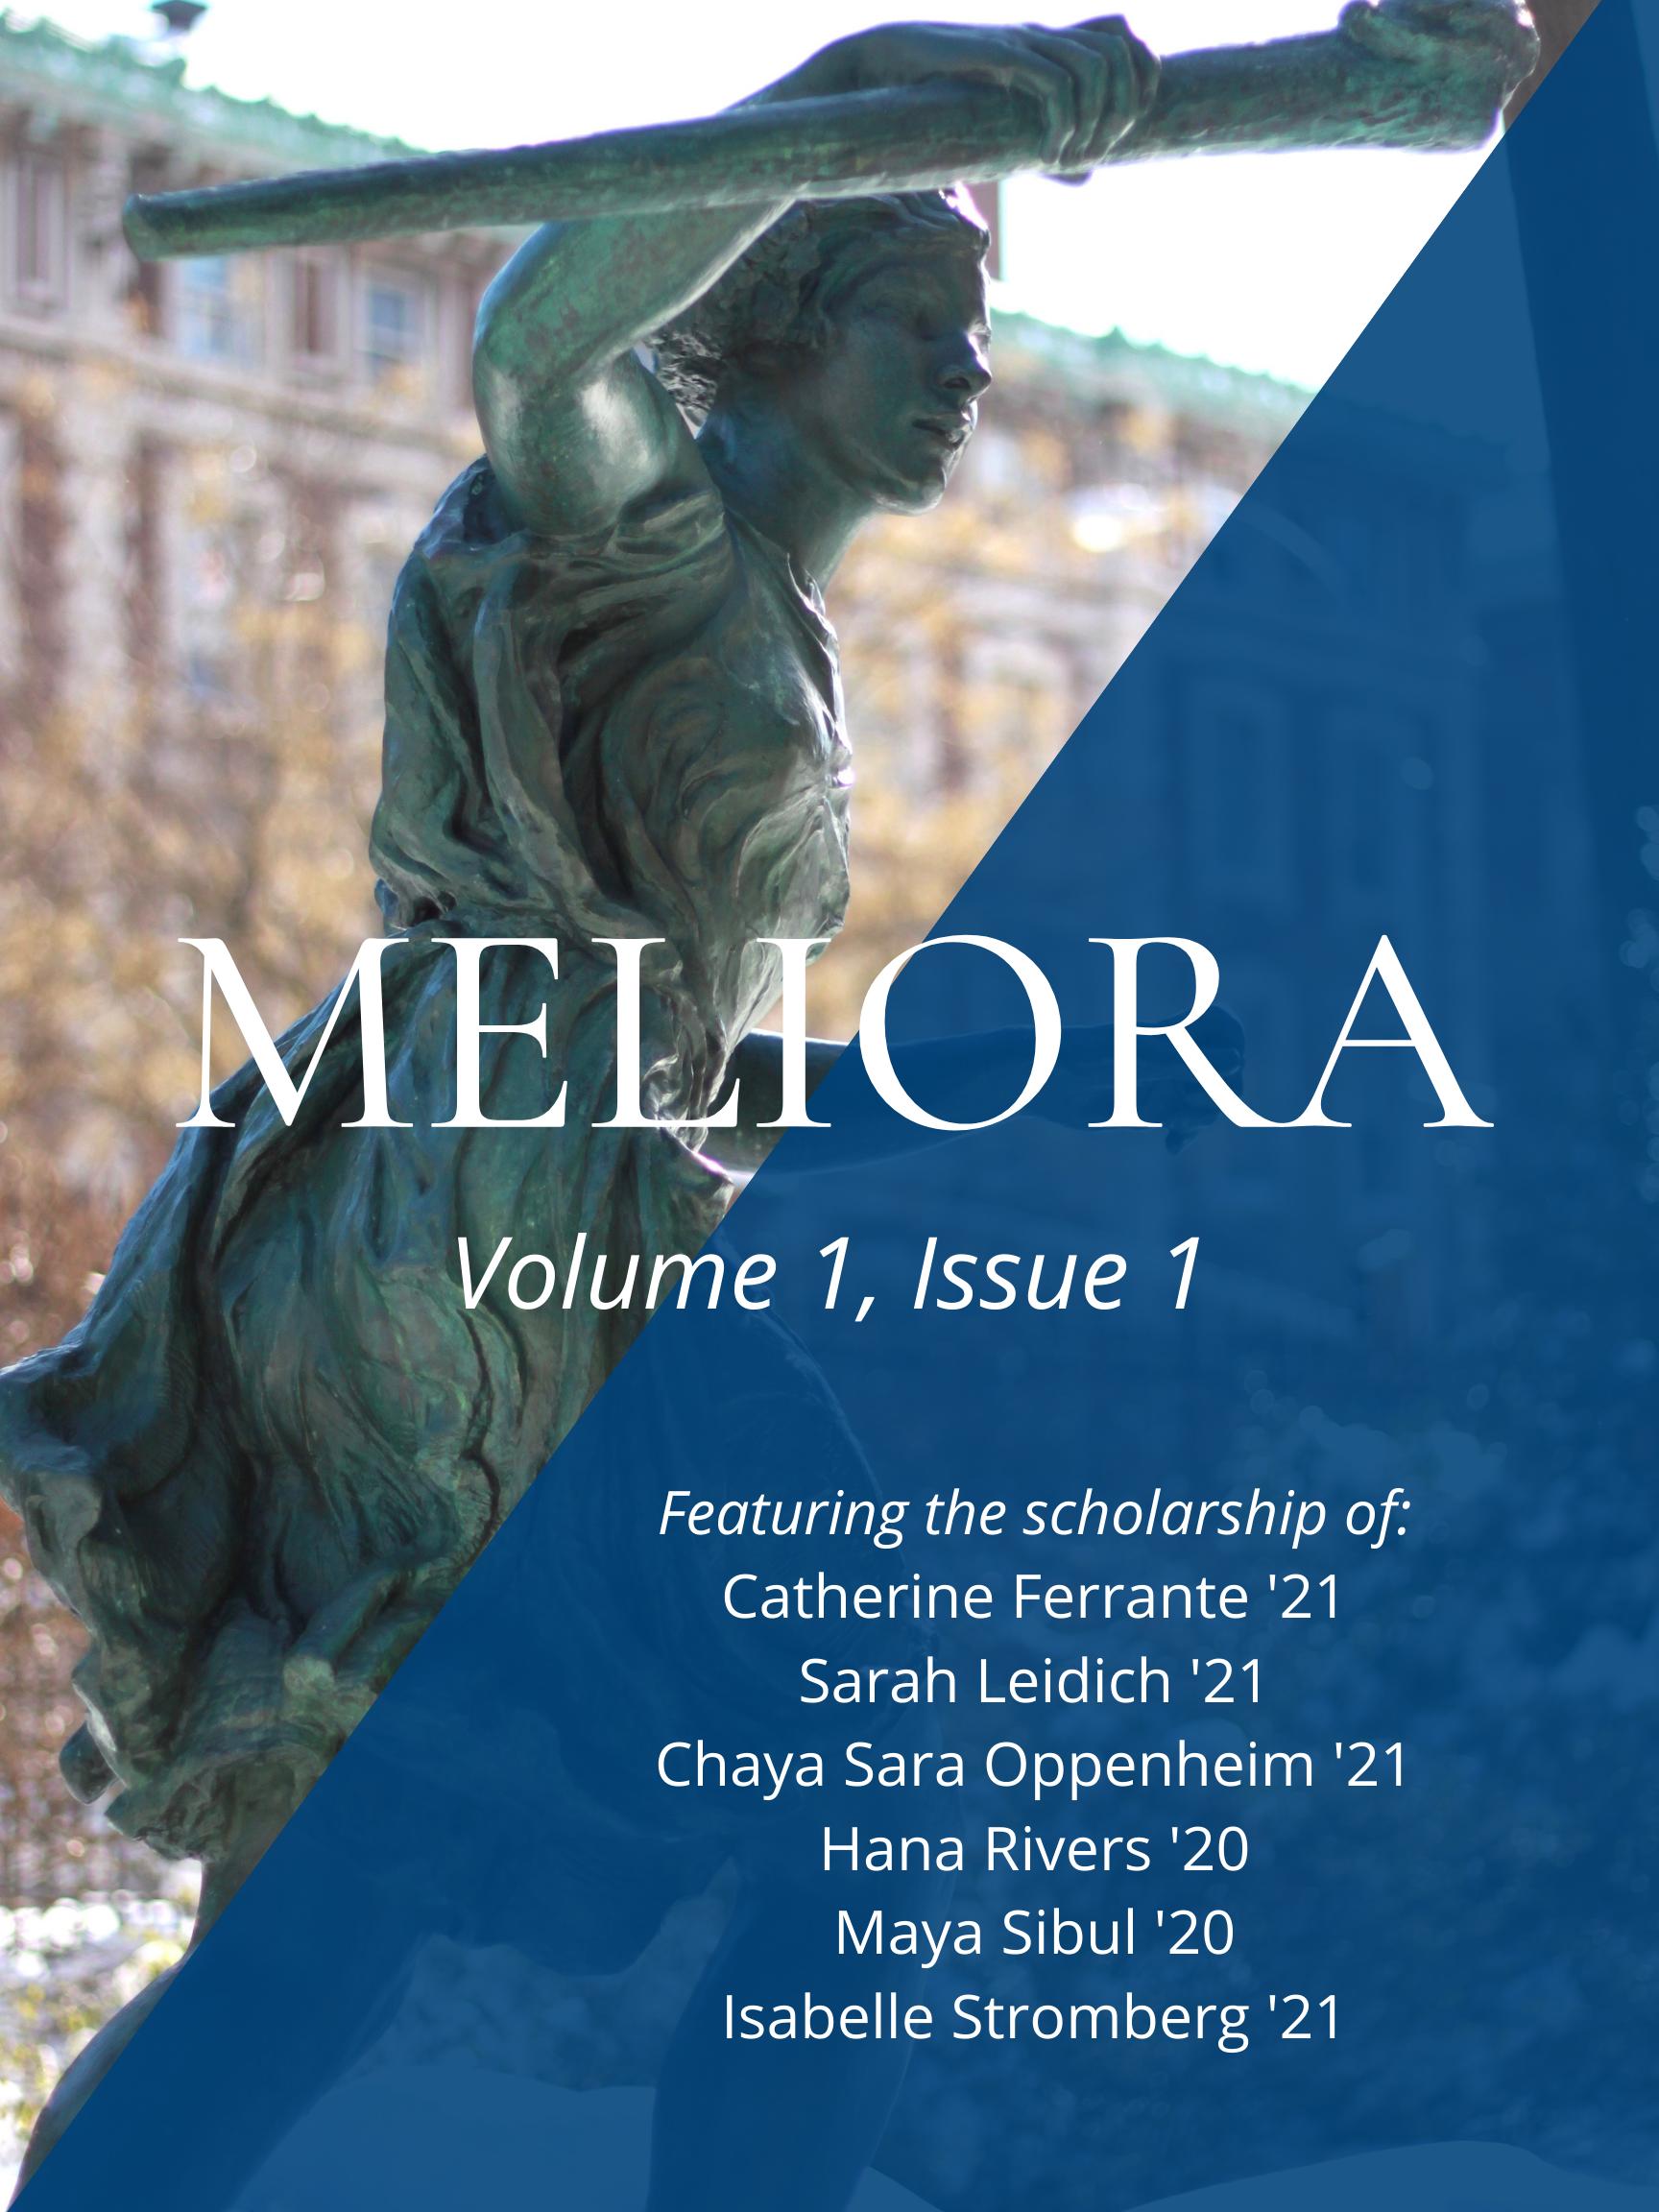 Meliora: Volume 1, Issue 1